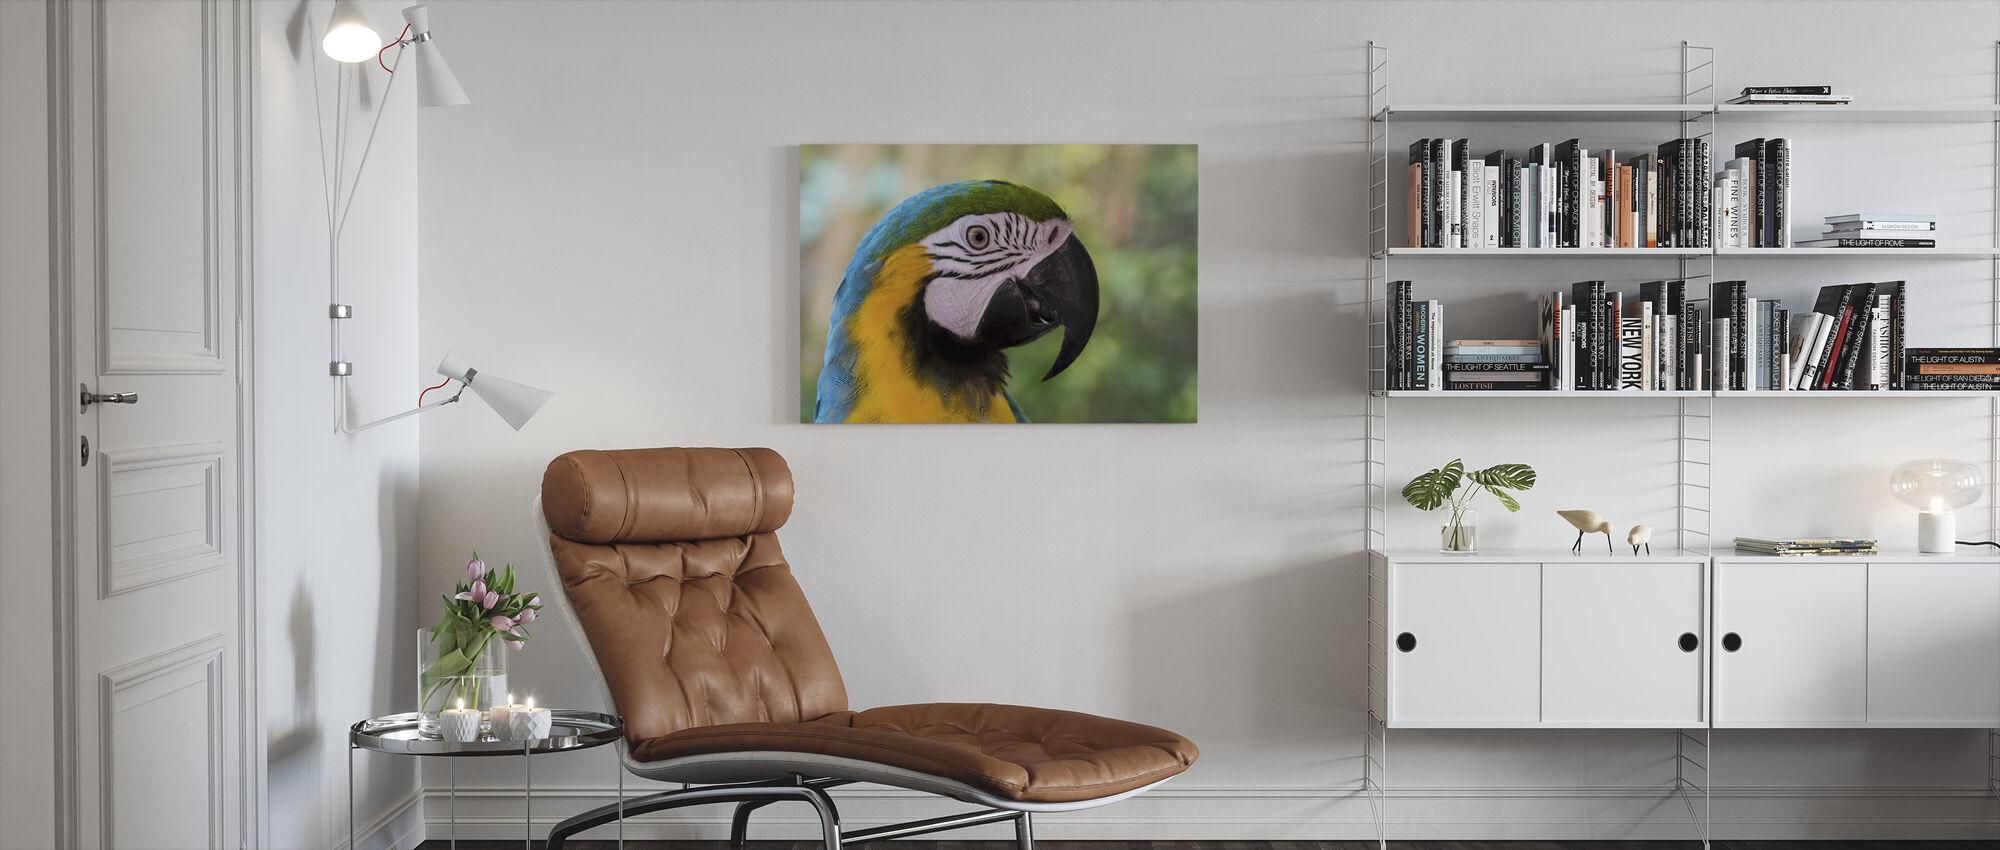 Färgglada ara - Canvastavla - Vardagsrum